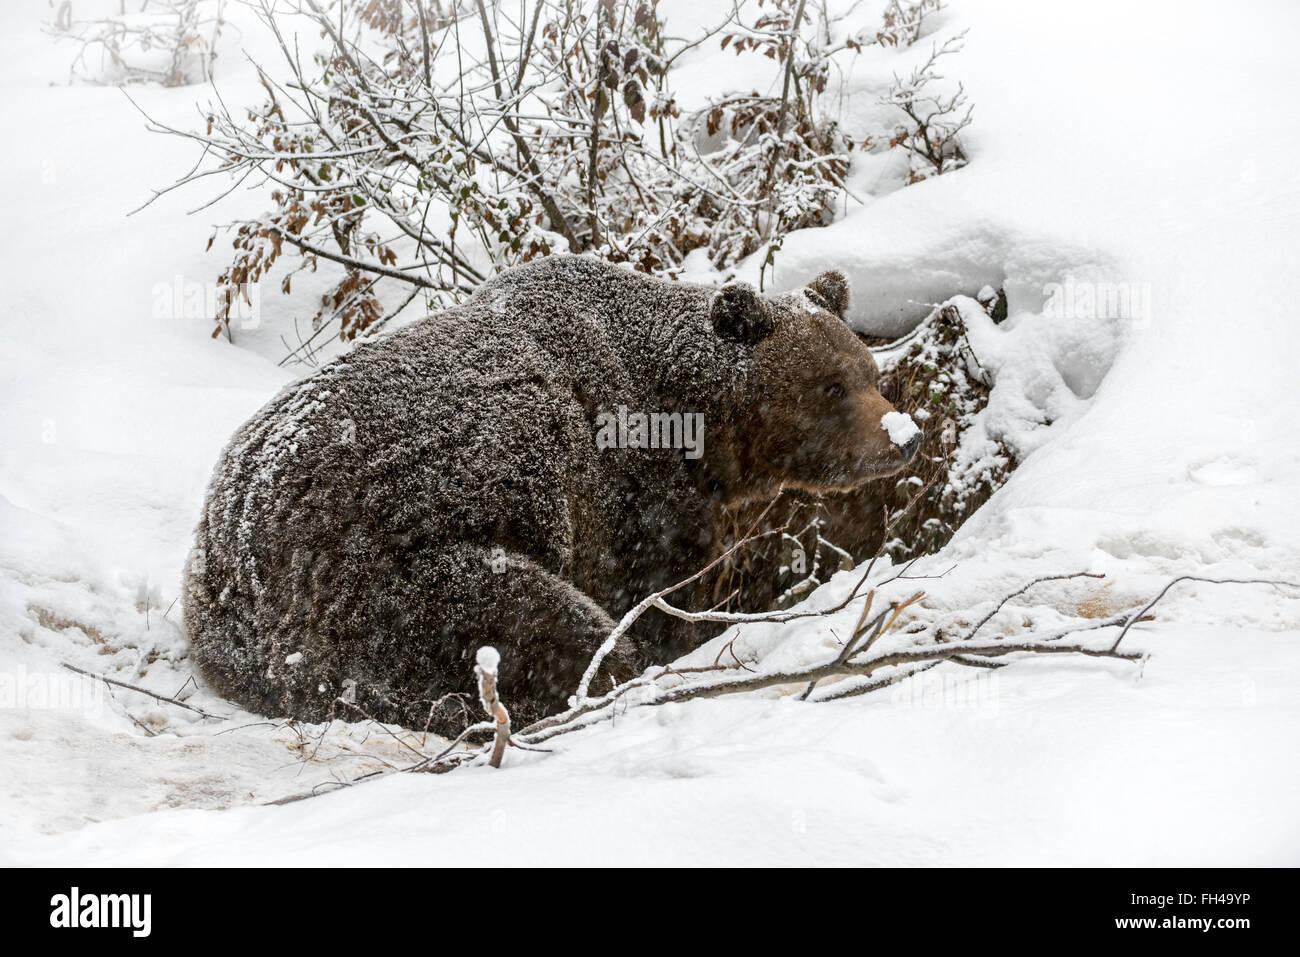 Brown bear (Ursus arctos) entering den during snow shower in autumn / winter Stock Photo